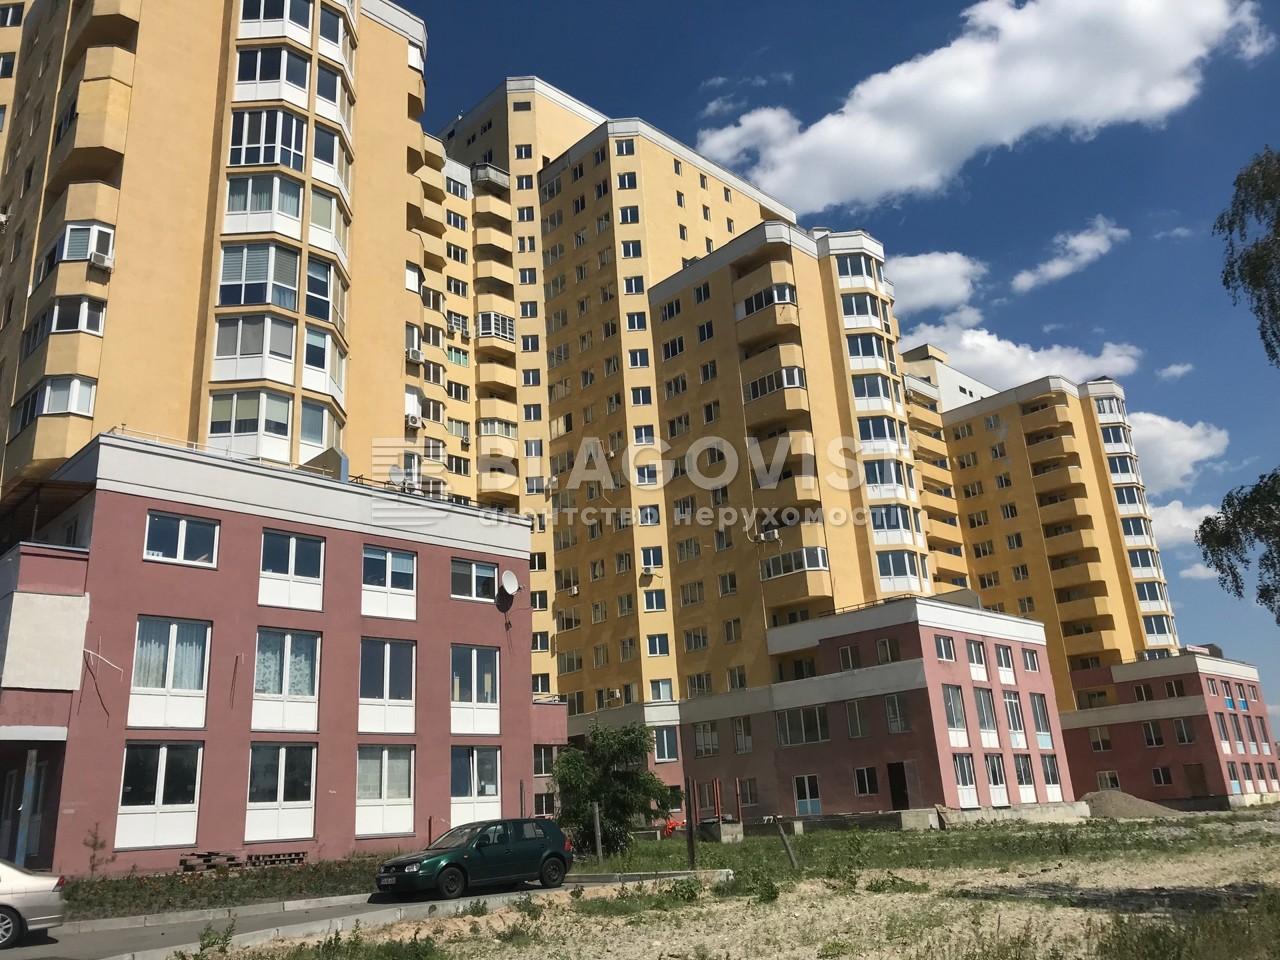 Квартира F-23904, Харченко Евгения (Ленина), 47б, Киев - Фото 2